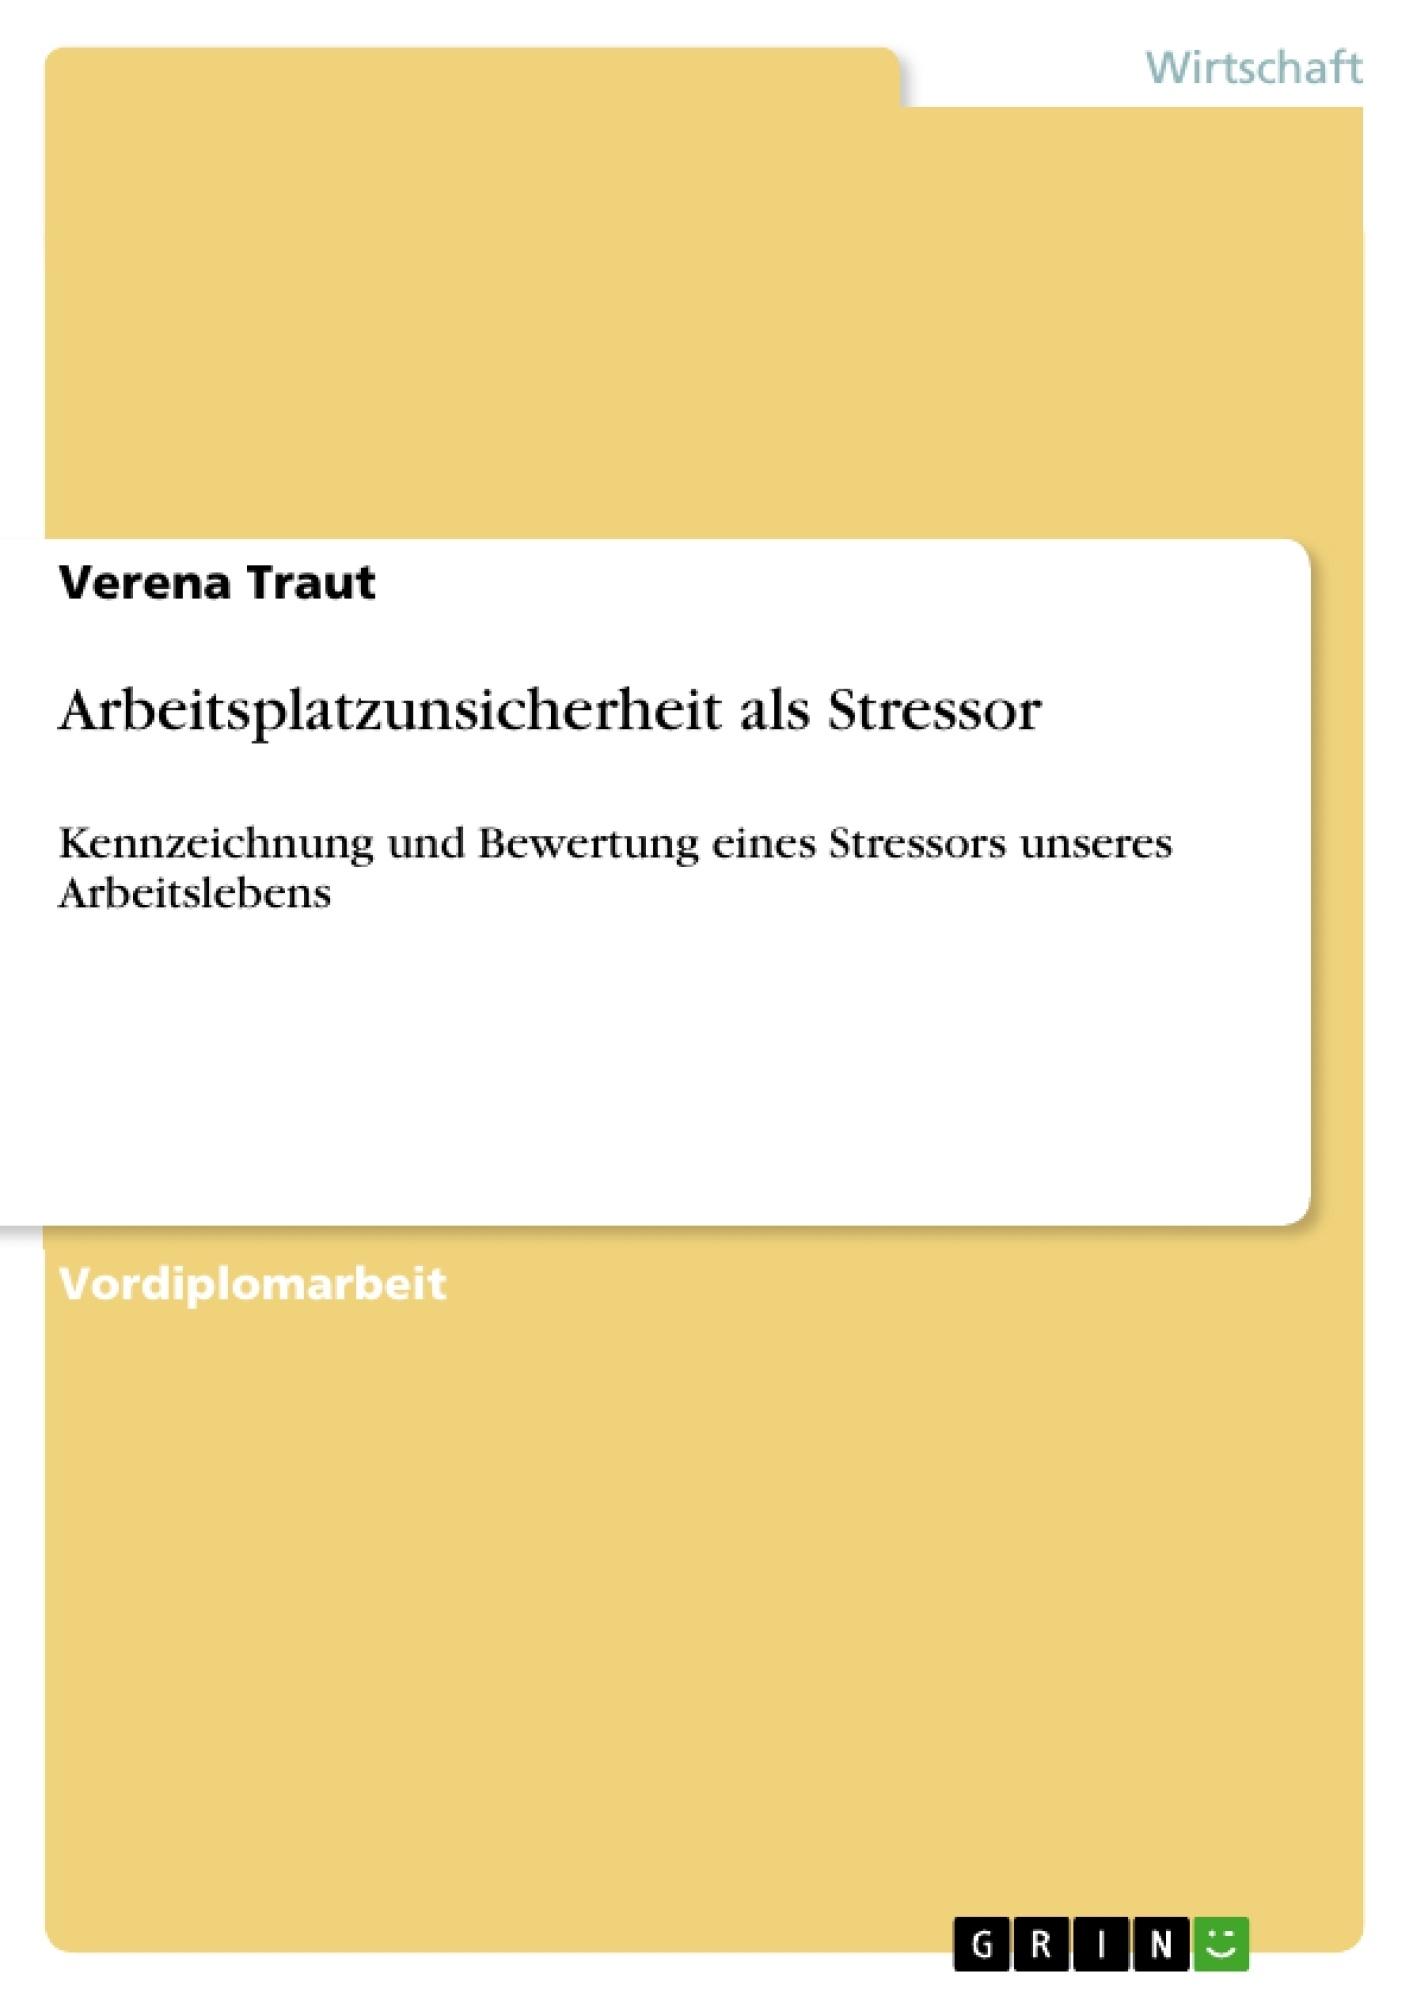 Titel: Arbeitsplatzunsicherheit als Stressor